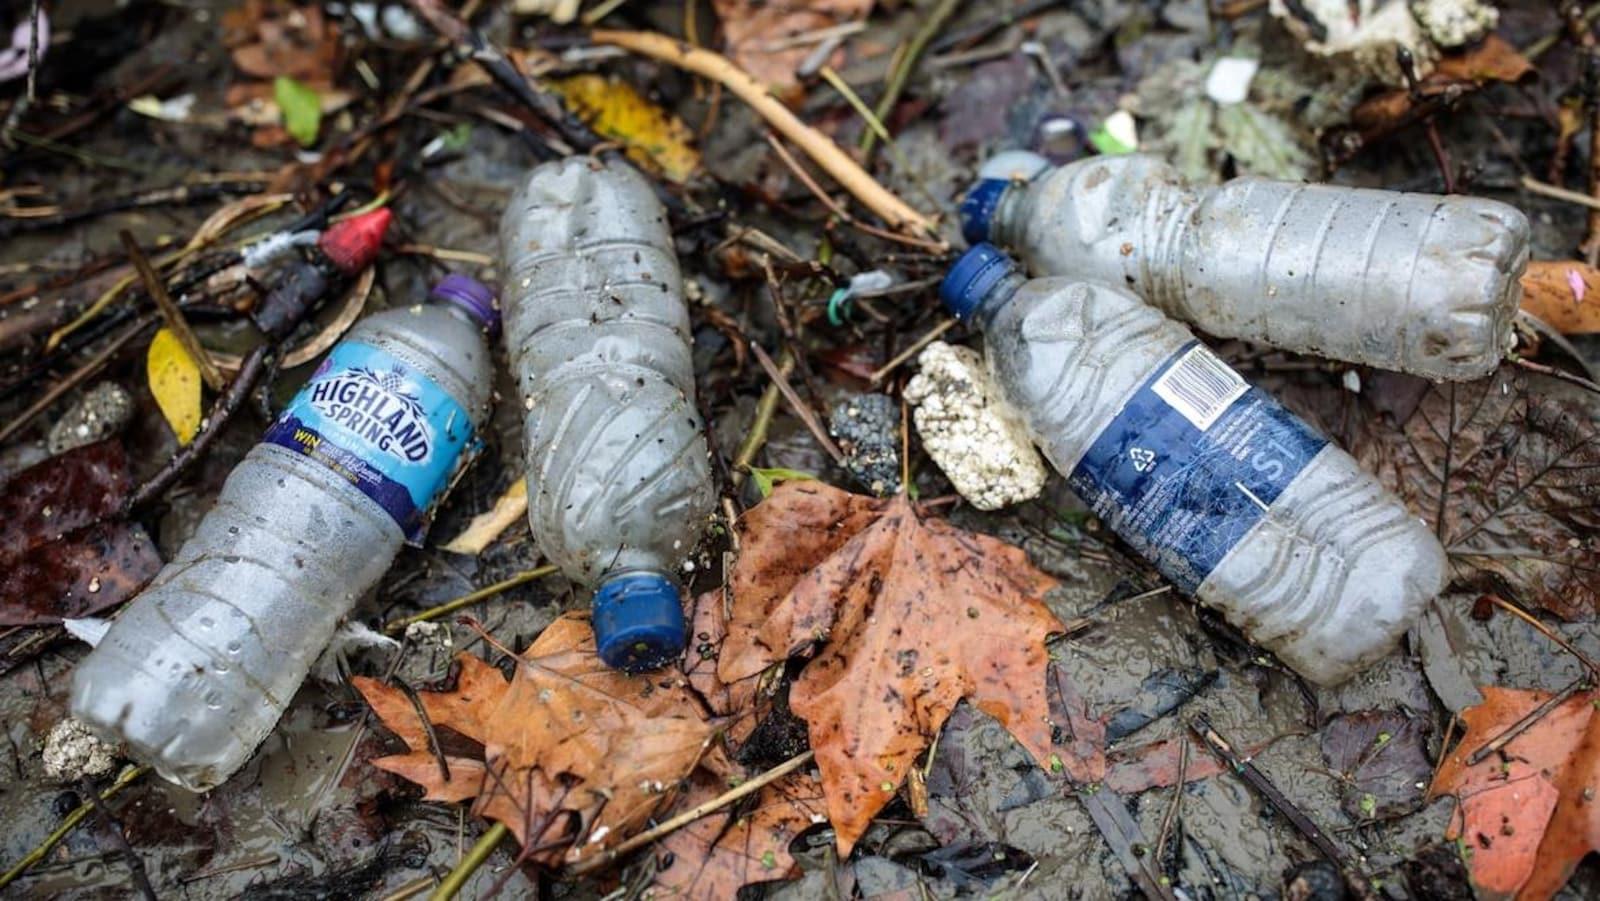 MétéoMédia - Les plastiques à usage unique, bientôt interdits au Canada